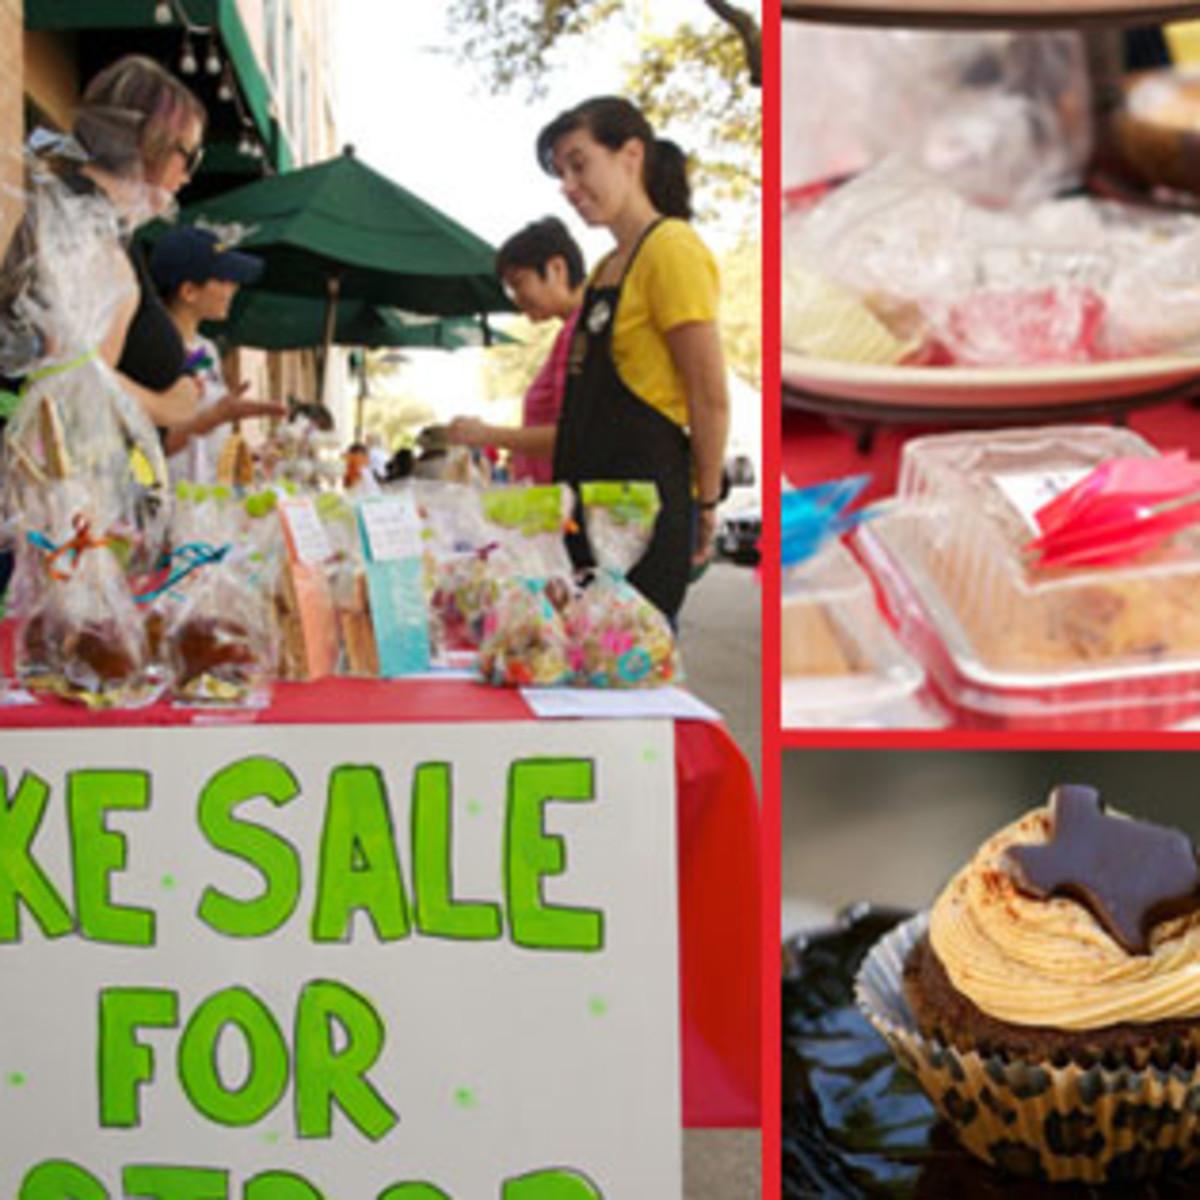 Austin Bakes for West fundraiser bake sale